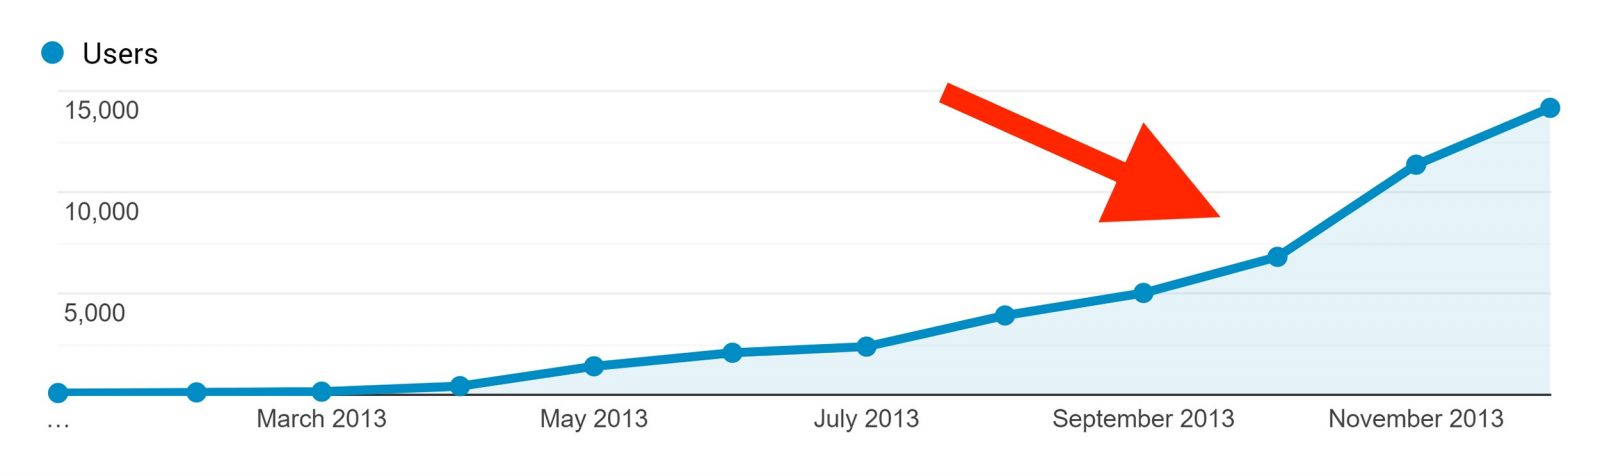 نمودار پیشرفت بازدید سایت در طی زمان